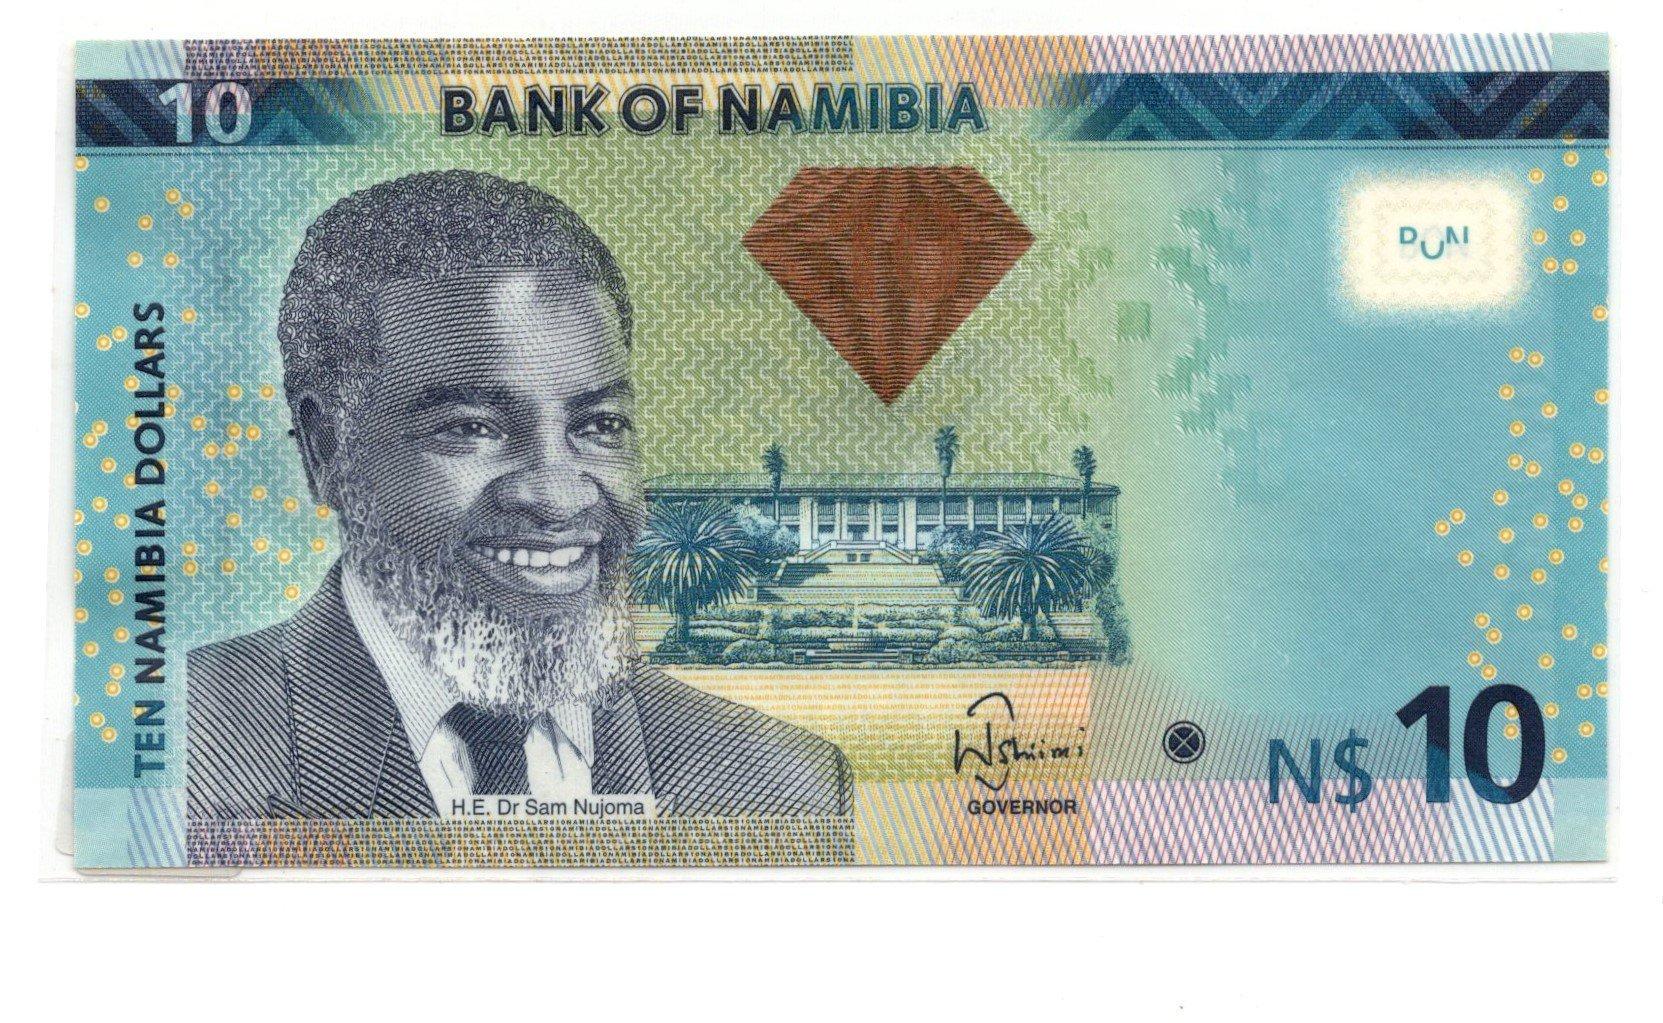 namjbia 10 dollars 2013